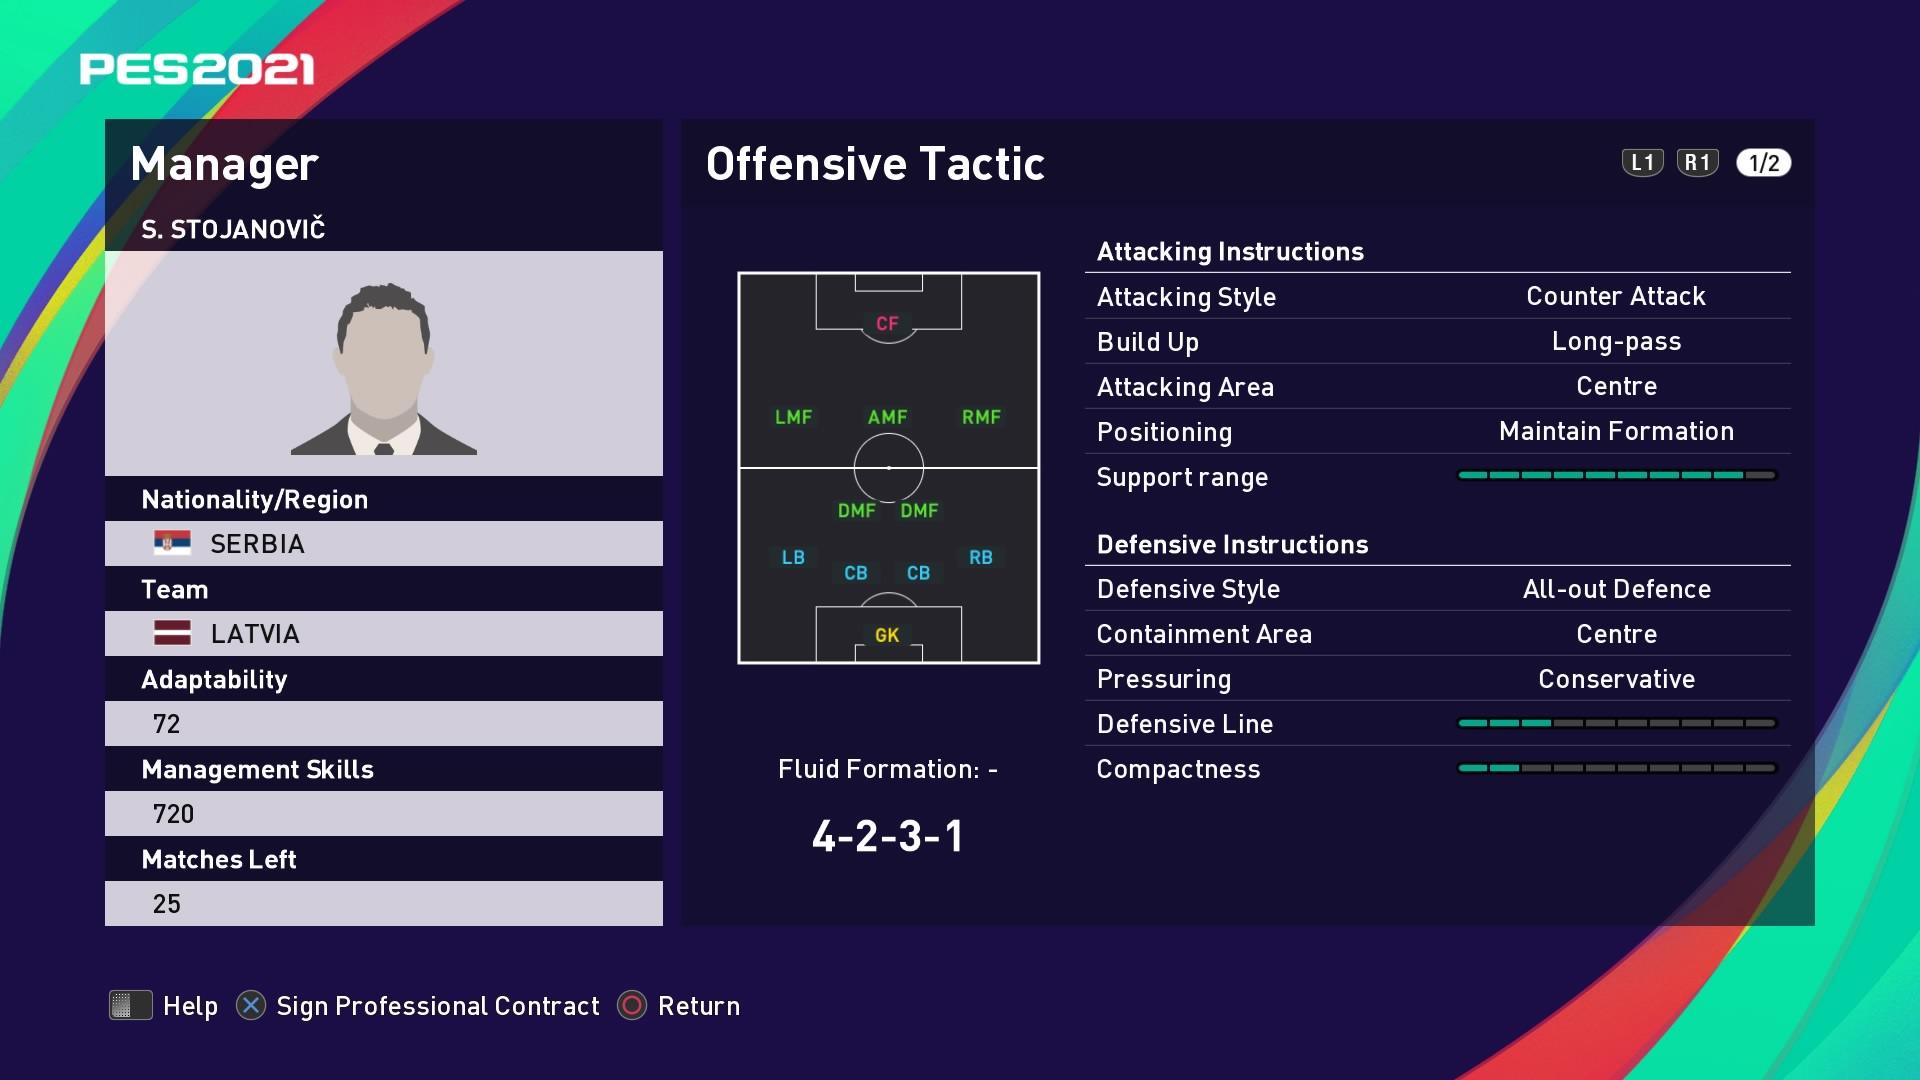 S. Stojanovič (Slaviša Stojanovič) Offensive Tactic in PES 2021 myClub